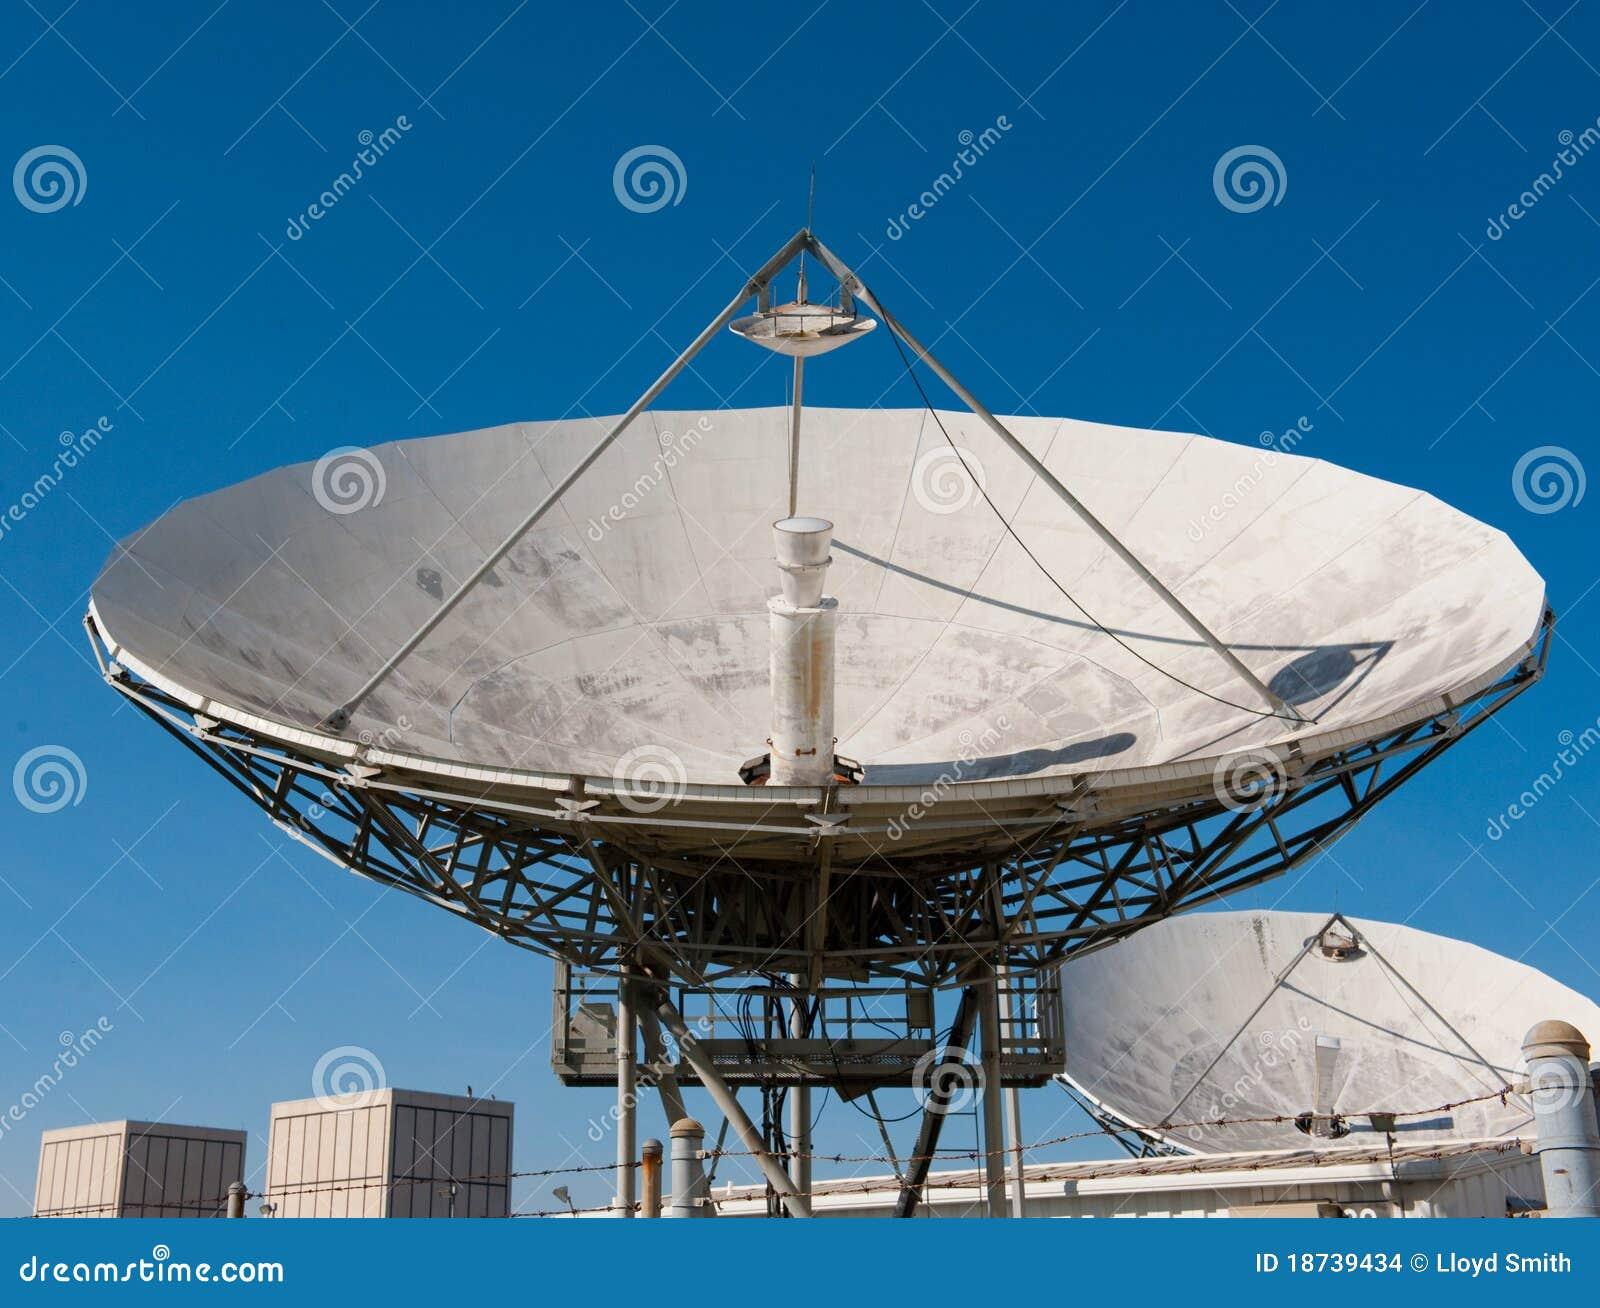 Plato basado en los satélites de radio